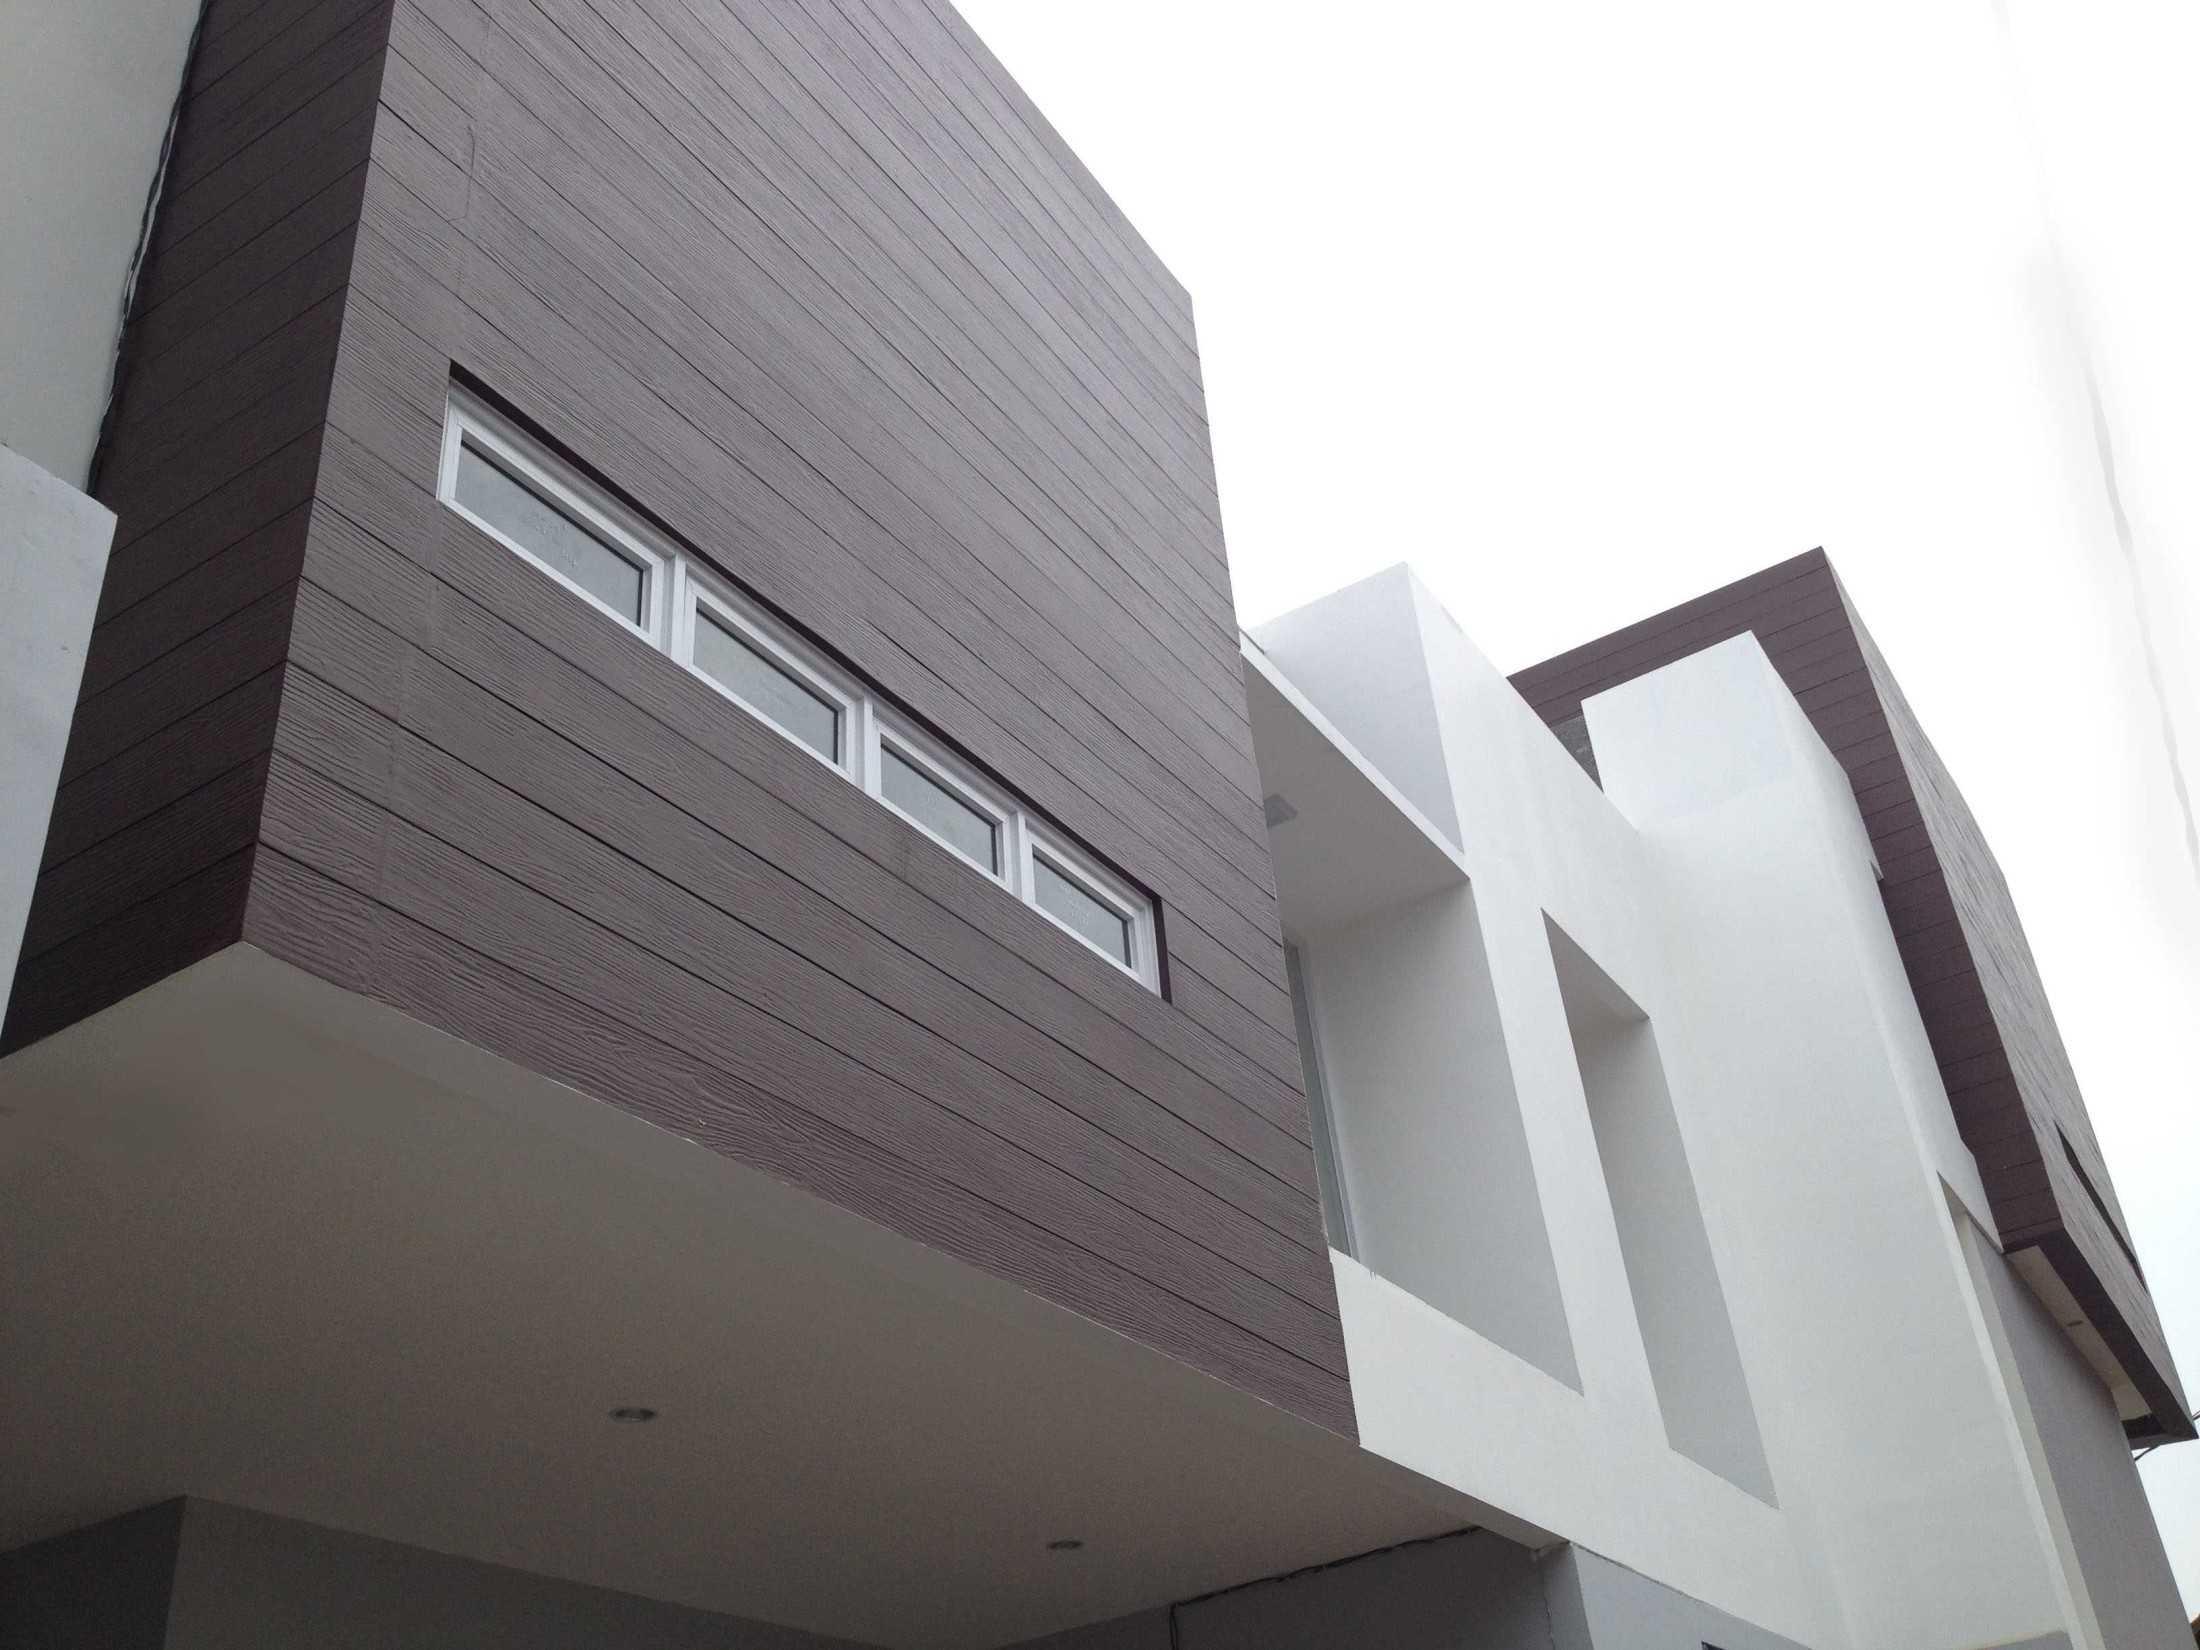 Studio Asri Malayka Residence Jakarta, Daerah Khusus Ibukota Jakarta, Indonesia Jakarta, Daerah Khusus Ibukota Jakarta, Indonesia Studio-Asri-Malayka-Residence  67499